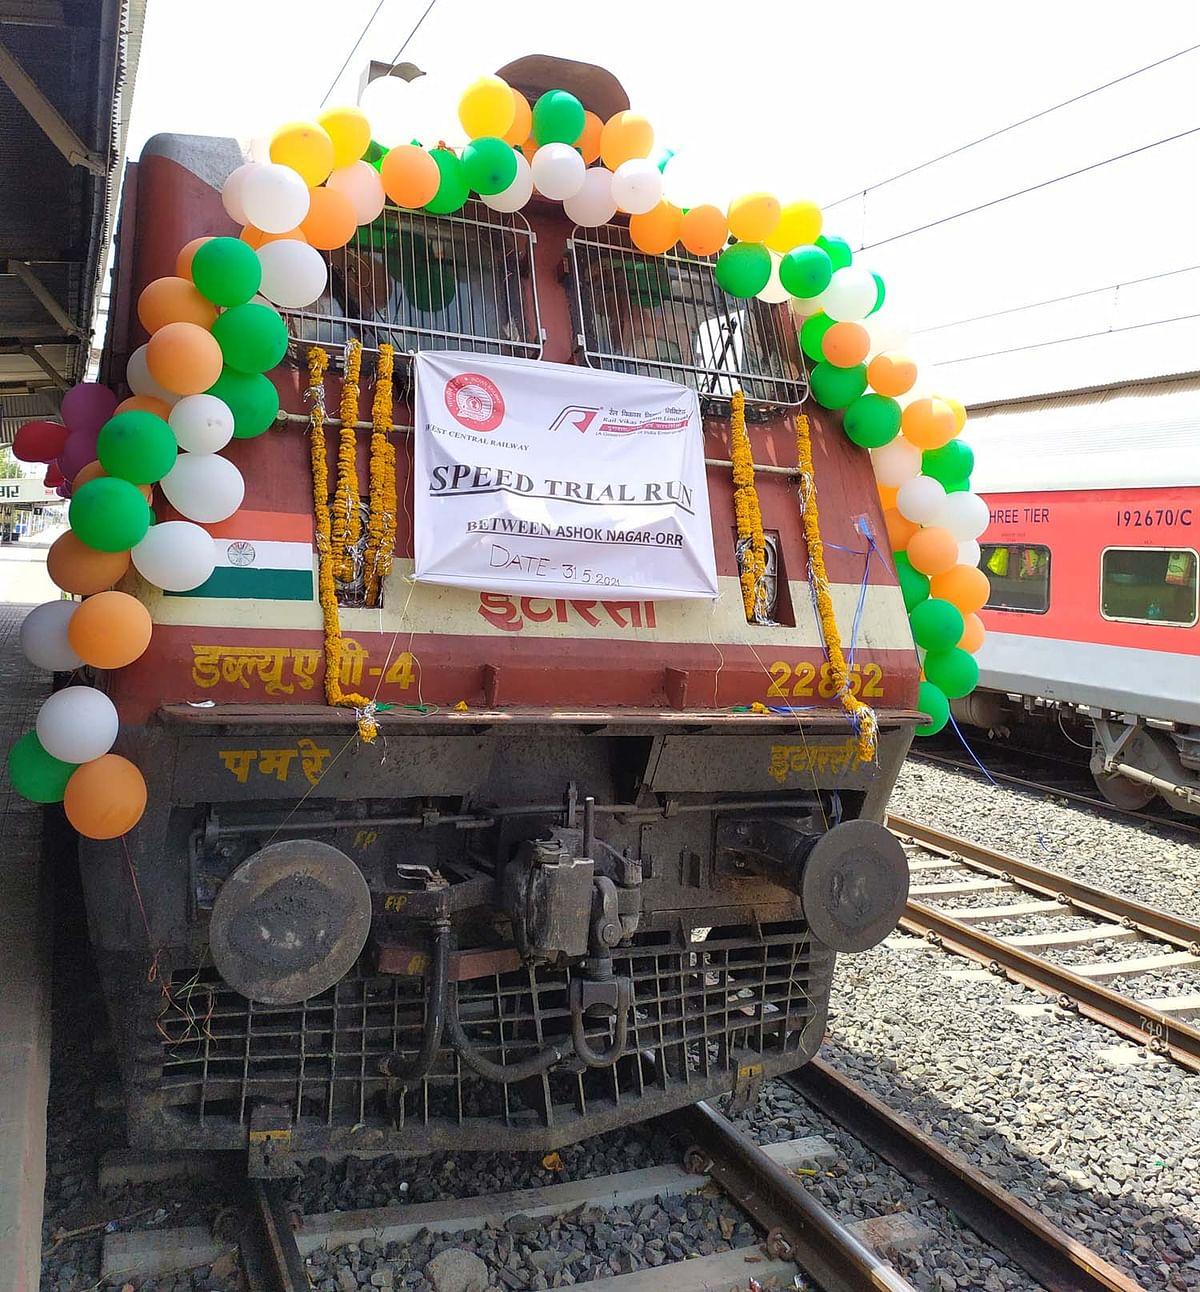 अशोकनगर-ओर स्टेशन के बीच 110 की स्पीड से तिरंगे गुब्बारों से सजा दौड़ा इंजन, सफल रहा ट्रायल